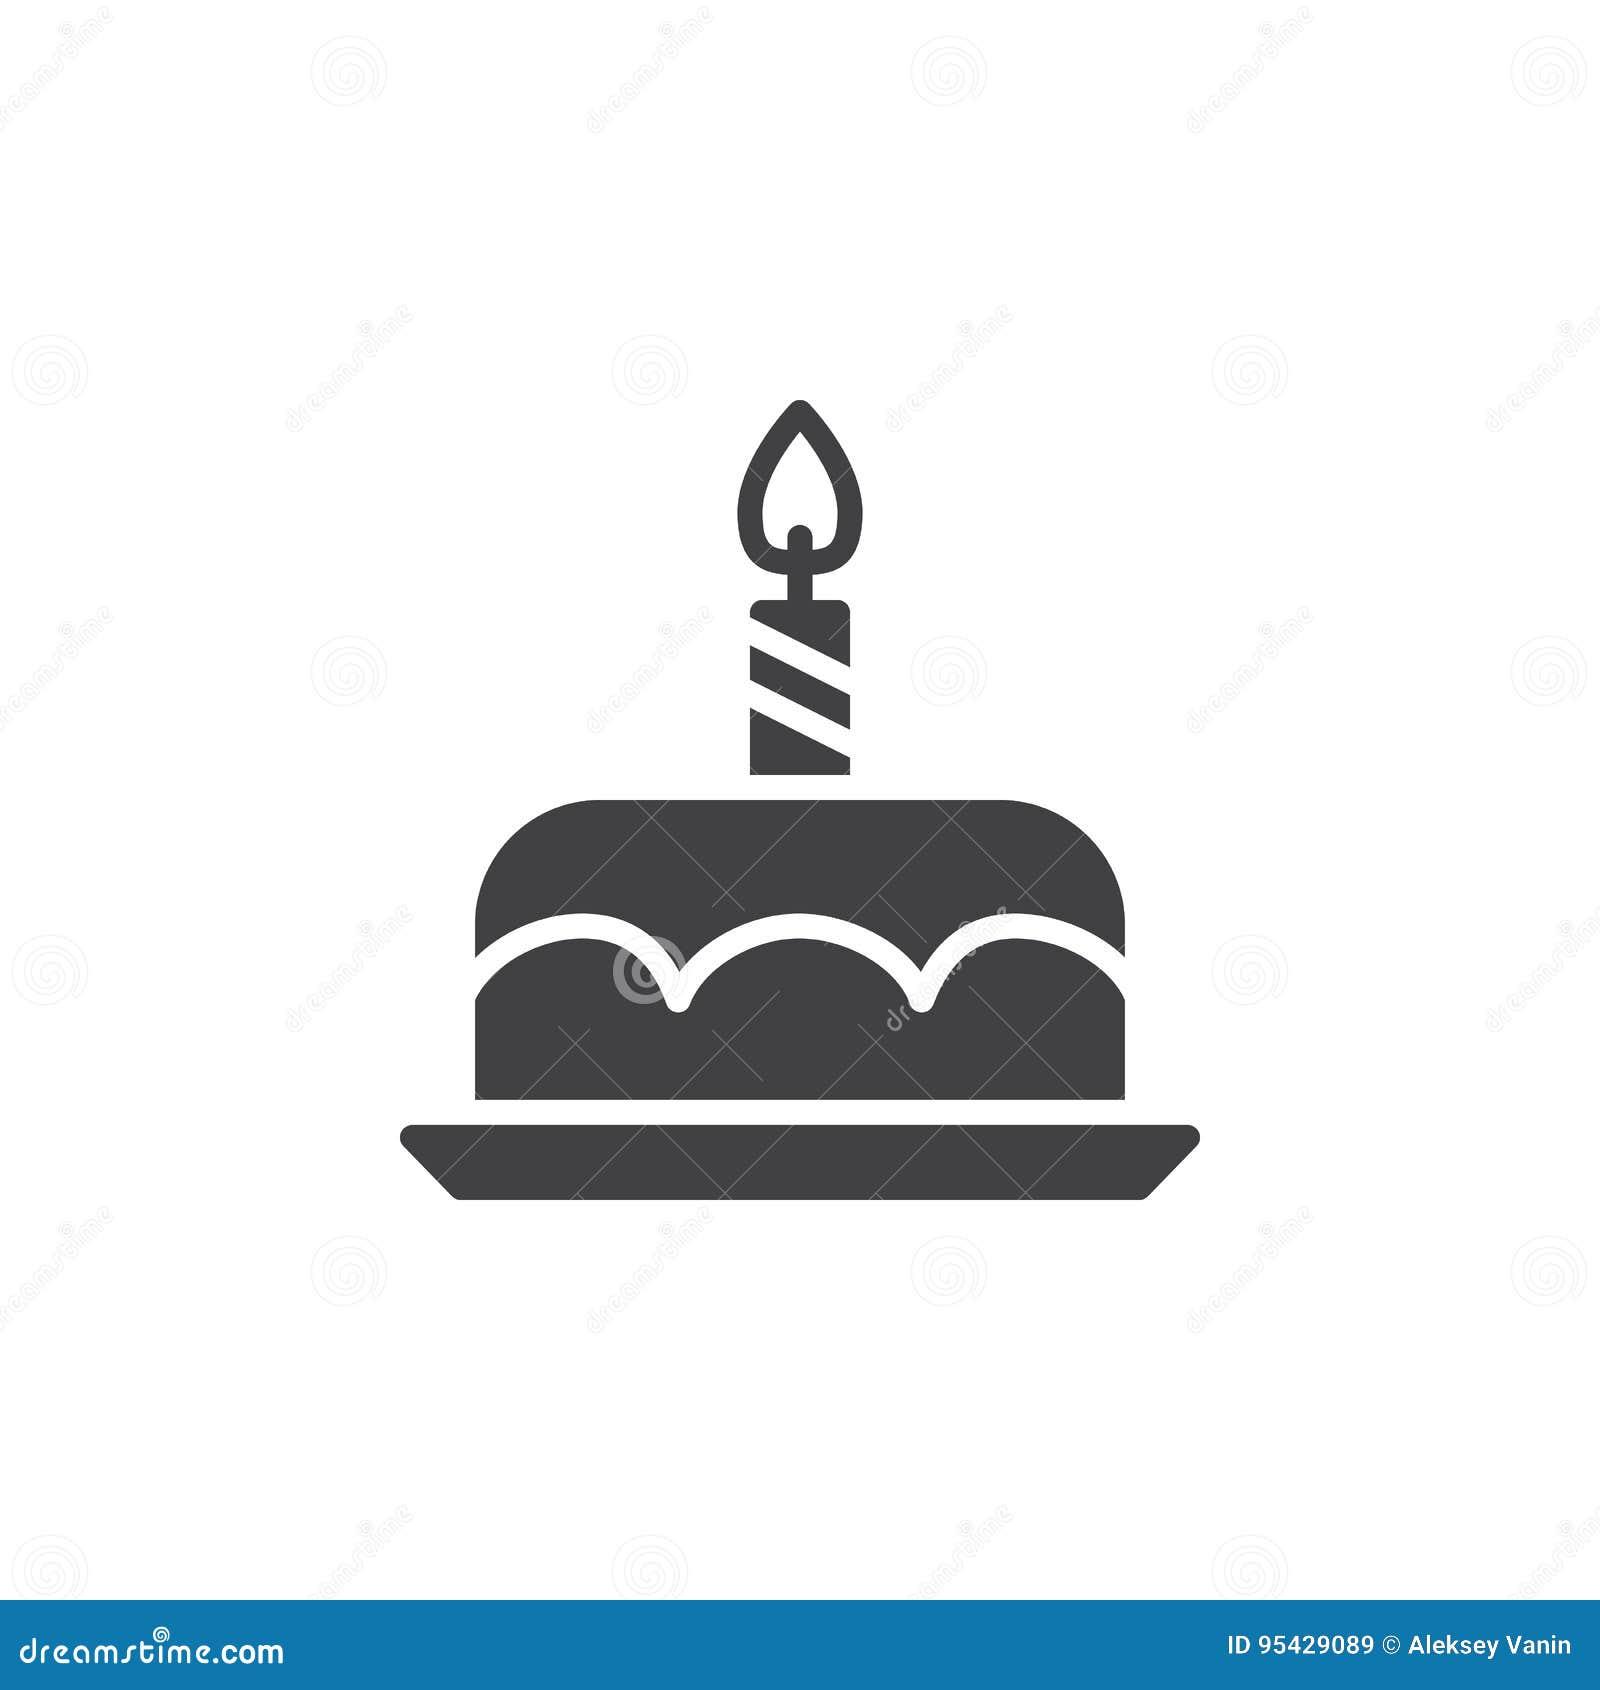 Vektor för symbol för födelsedagkaka, fyllt plant tecken, fast pictogram som isoleras på vit